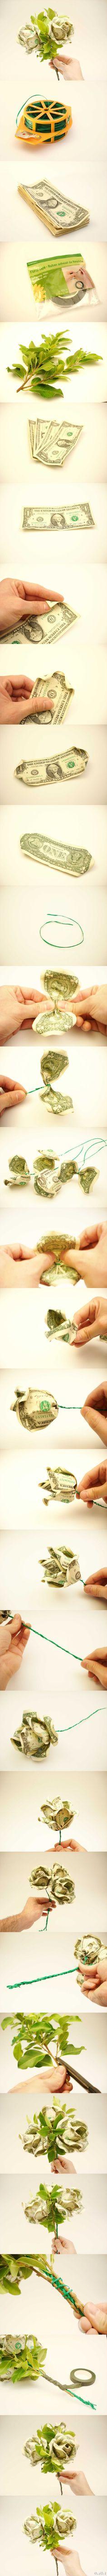 Dollar Bill Flower Bouquet by LoMac